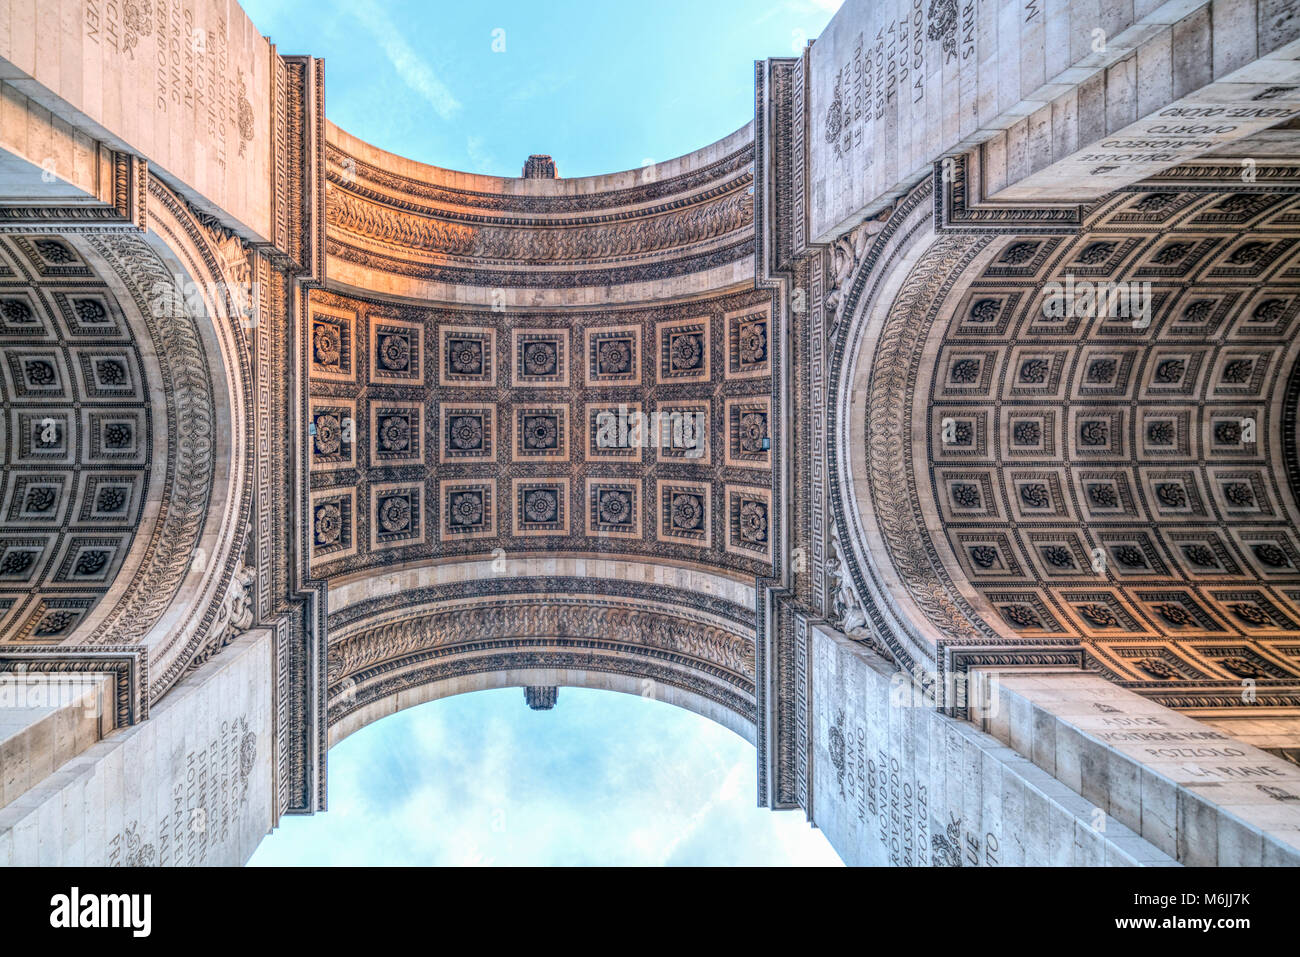 Arc de Triomphe de l'Étoile, Low Angle View, Paris, Frankreich. Stockbild